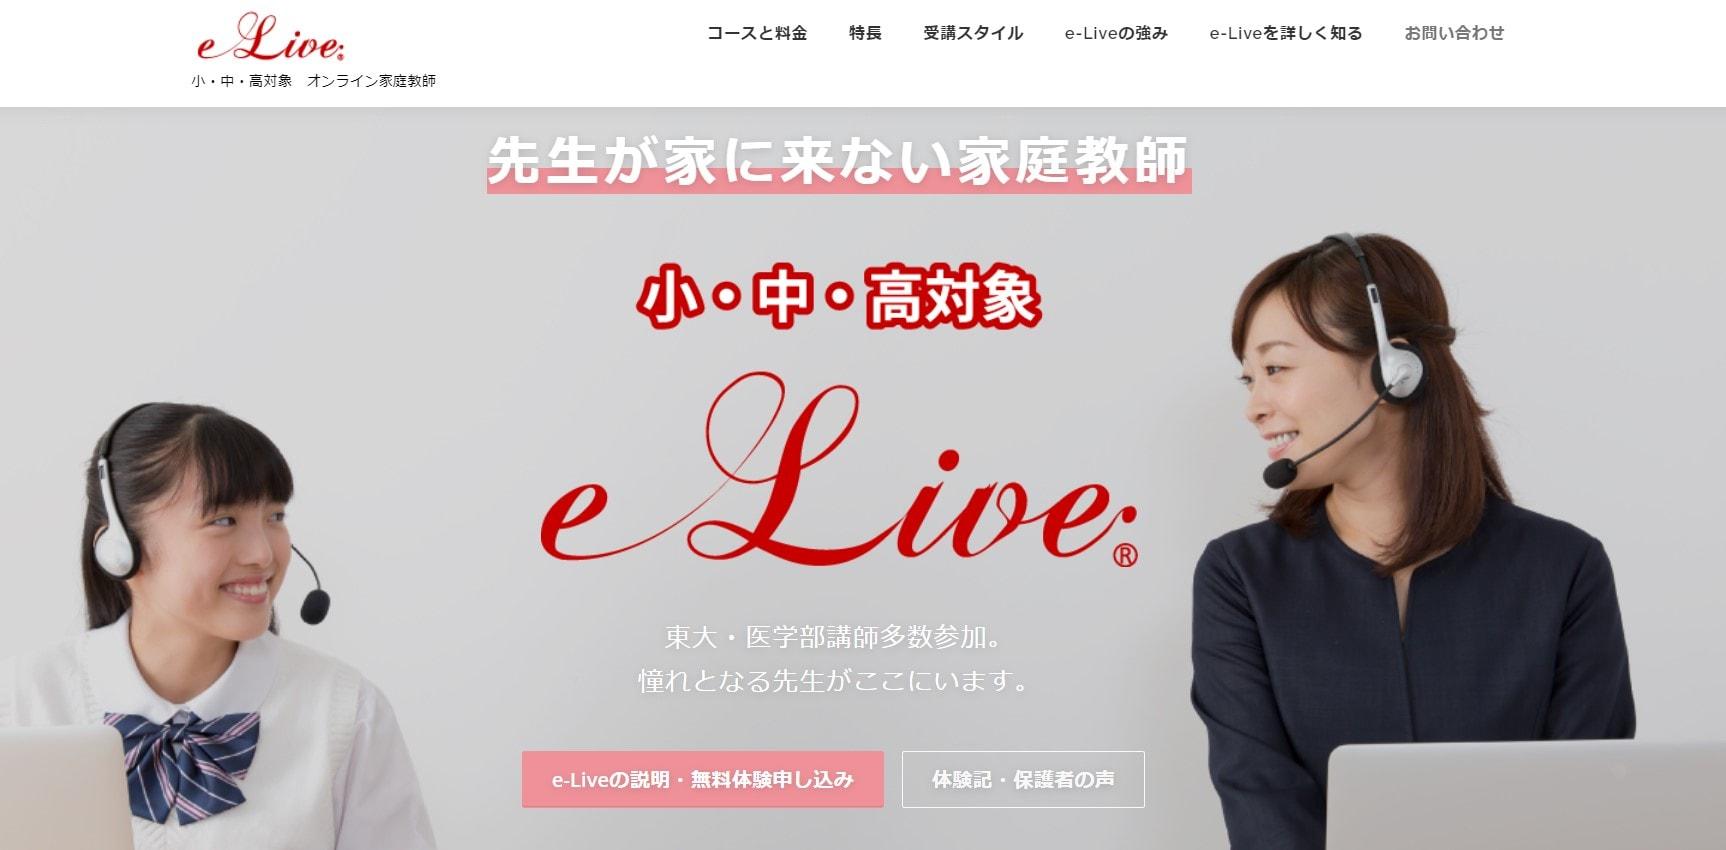 オンライン家庭教師e-Liveの画像